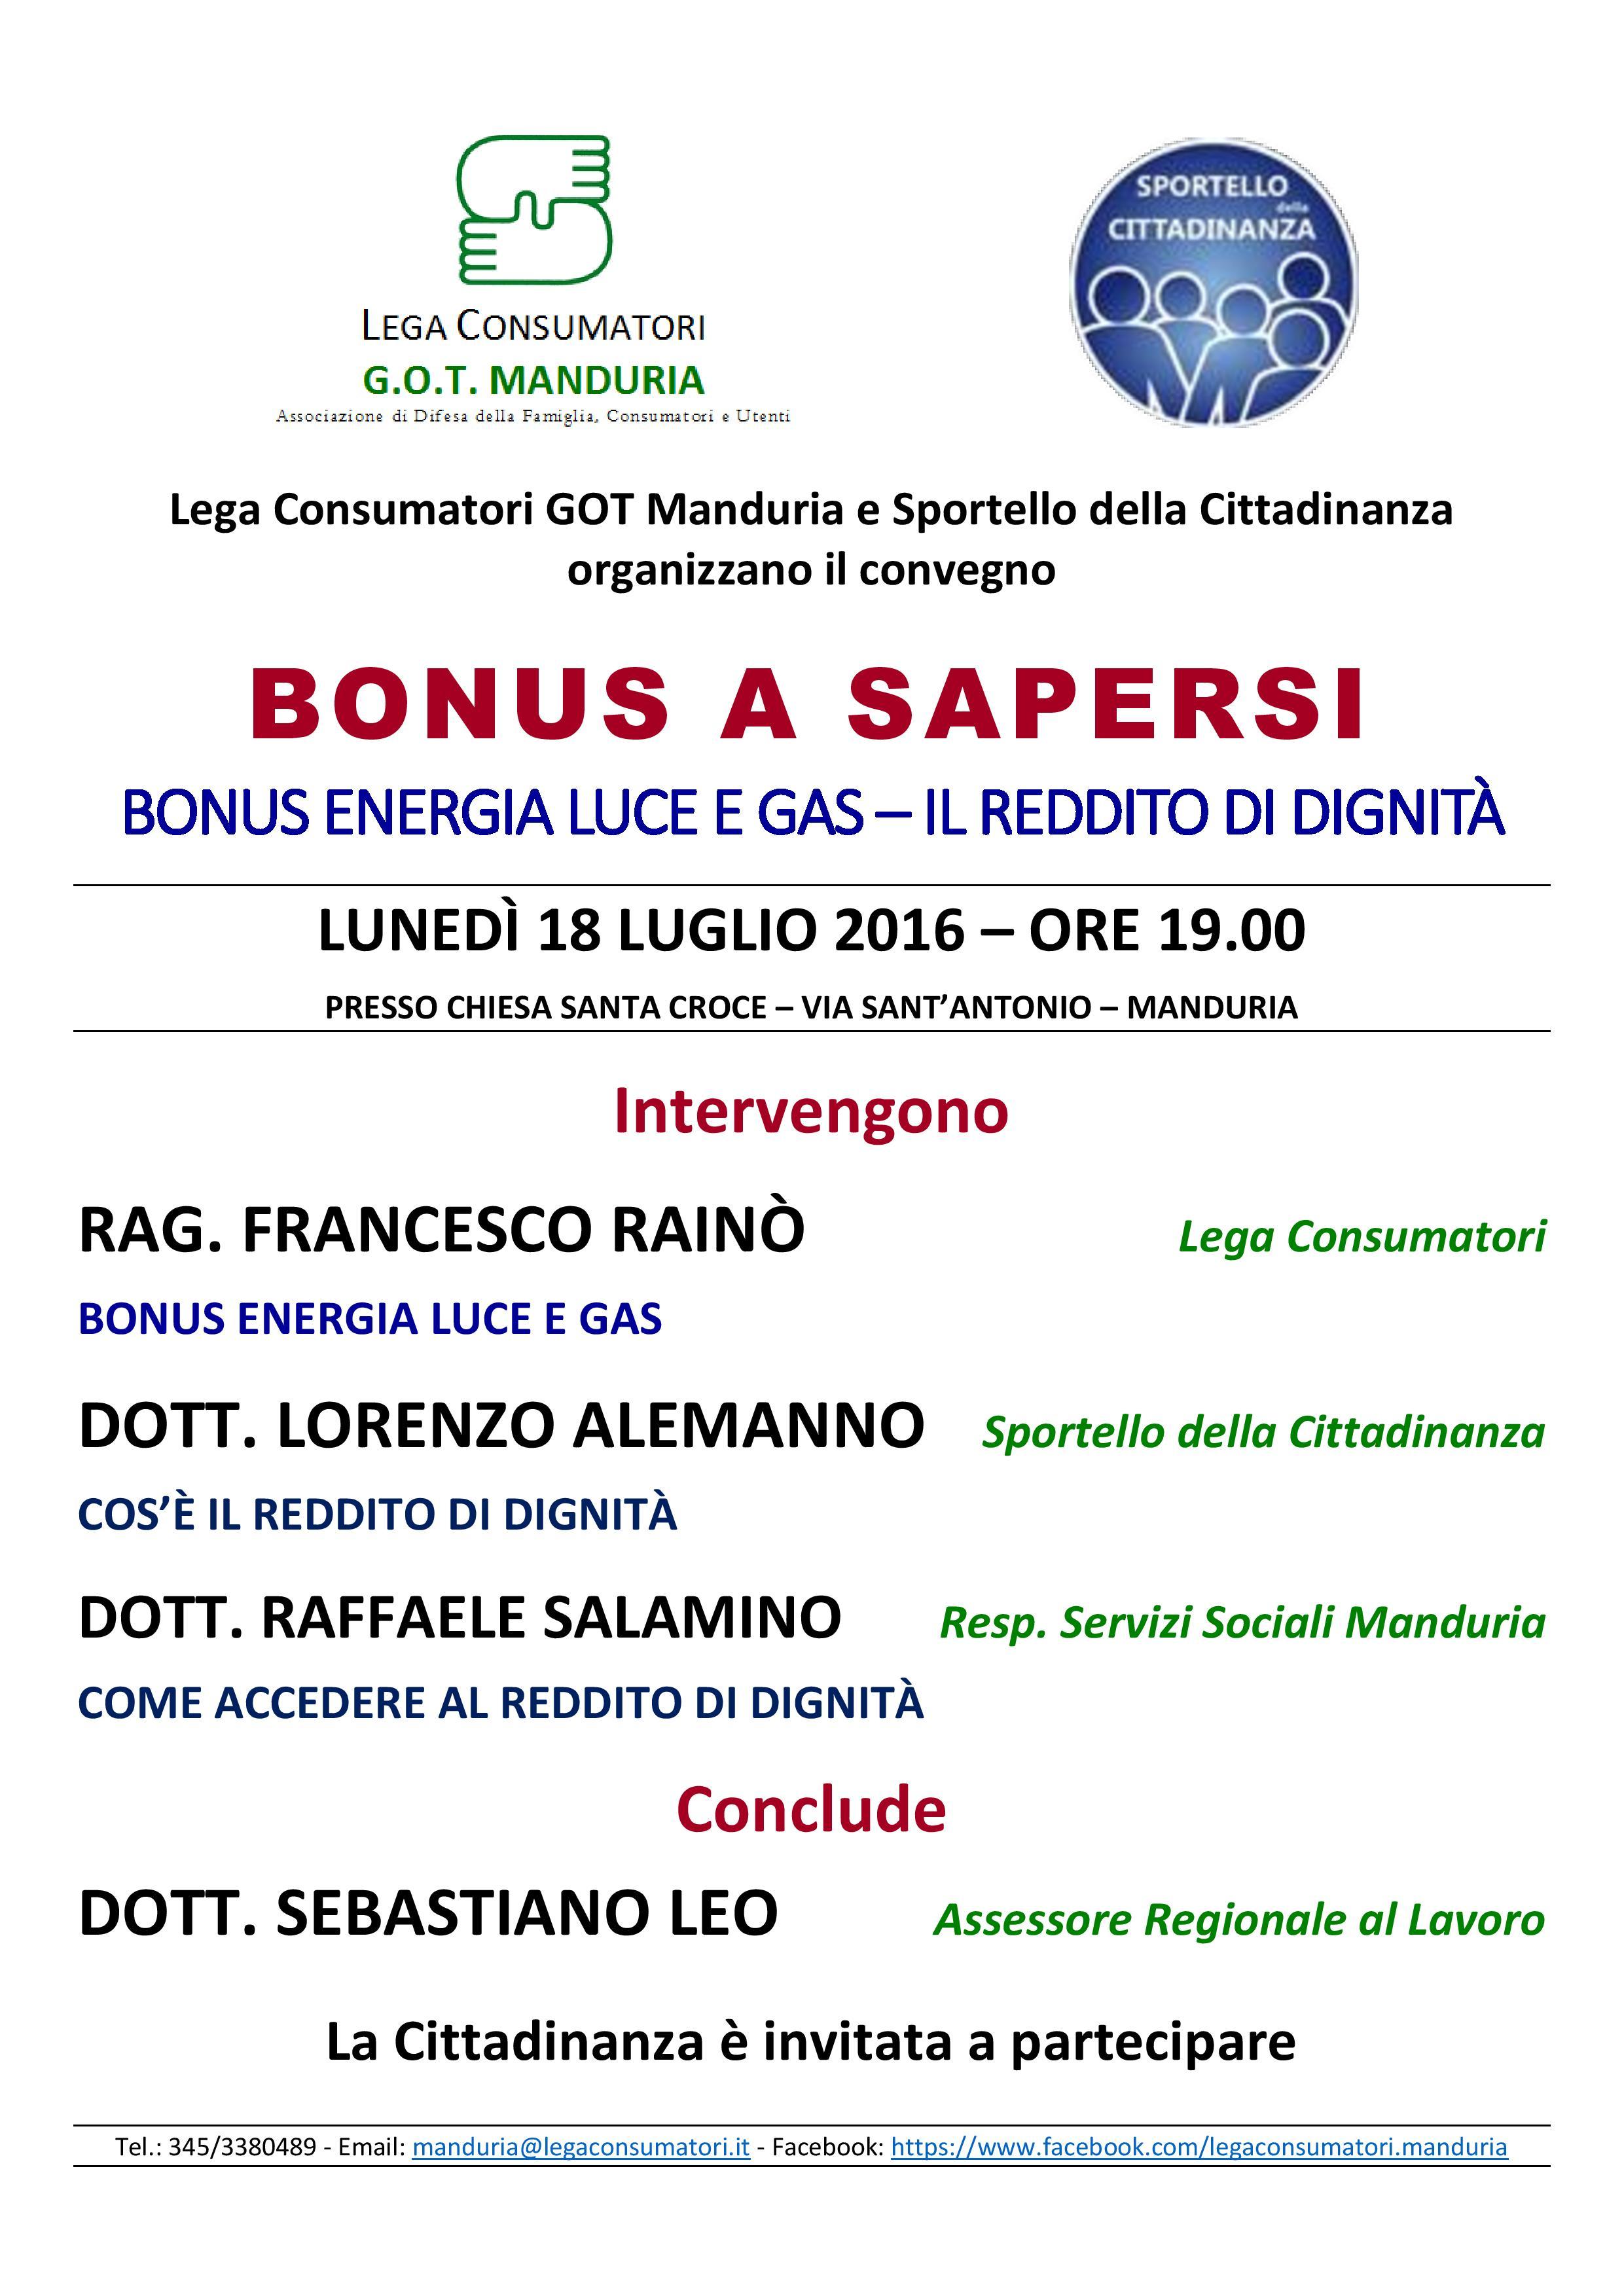 manifesto bonus